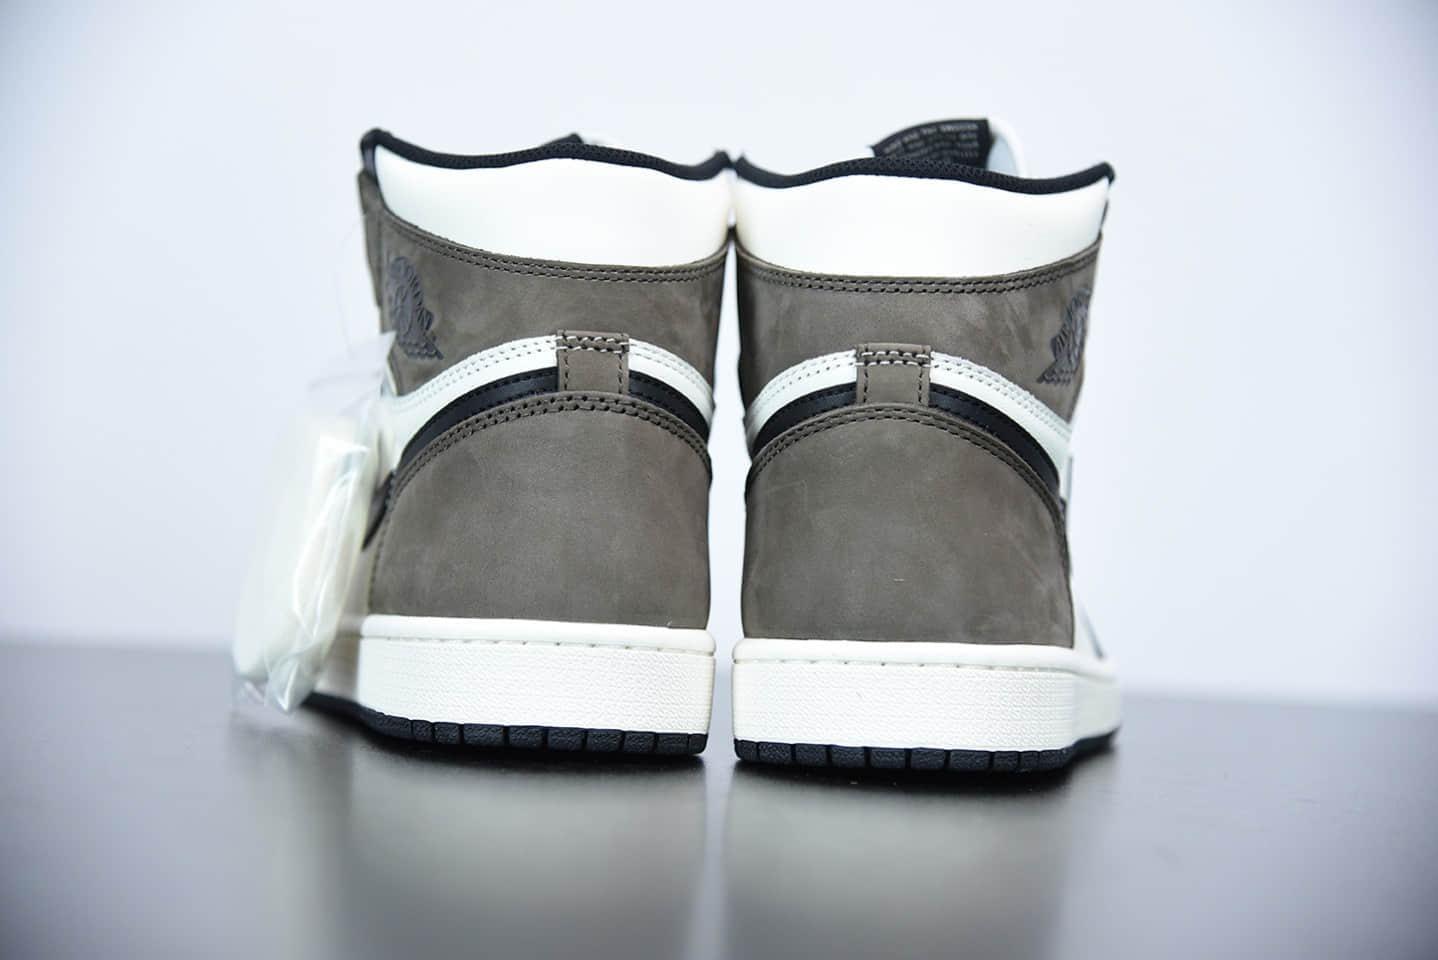 """乔丹Air Jordan 1 High OG""""Dark Mocha""""黑摩卡小倒钩高帮板鞋纯原版本 货号:555088-105"""